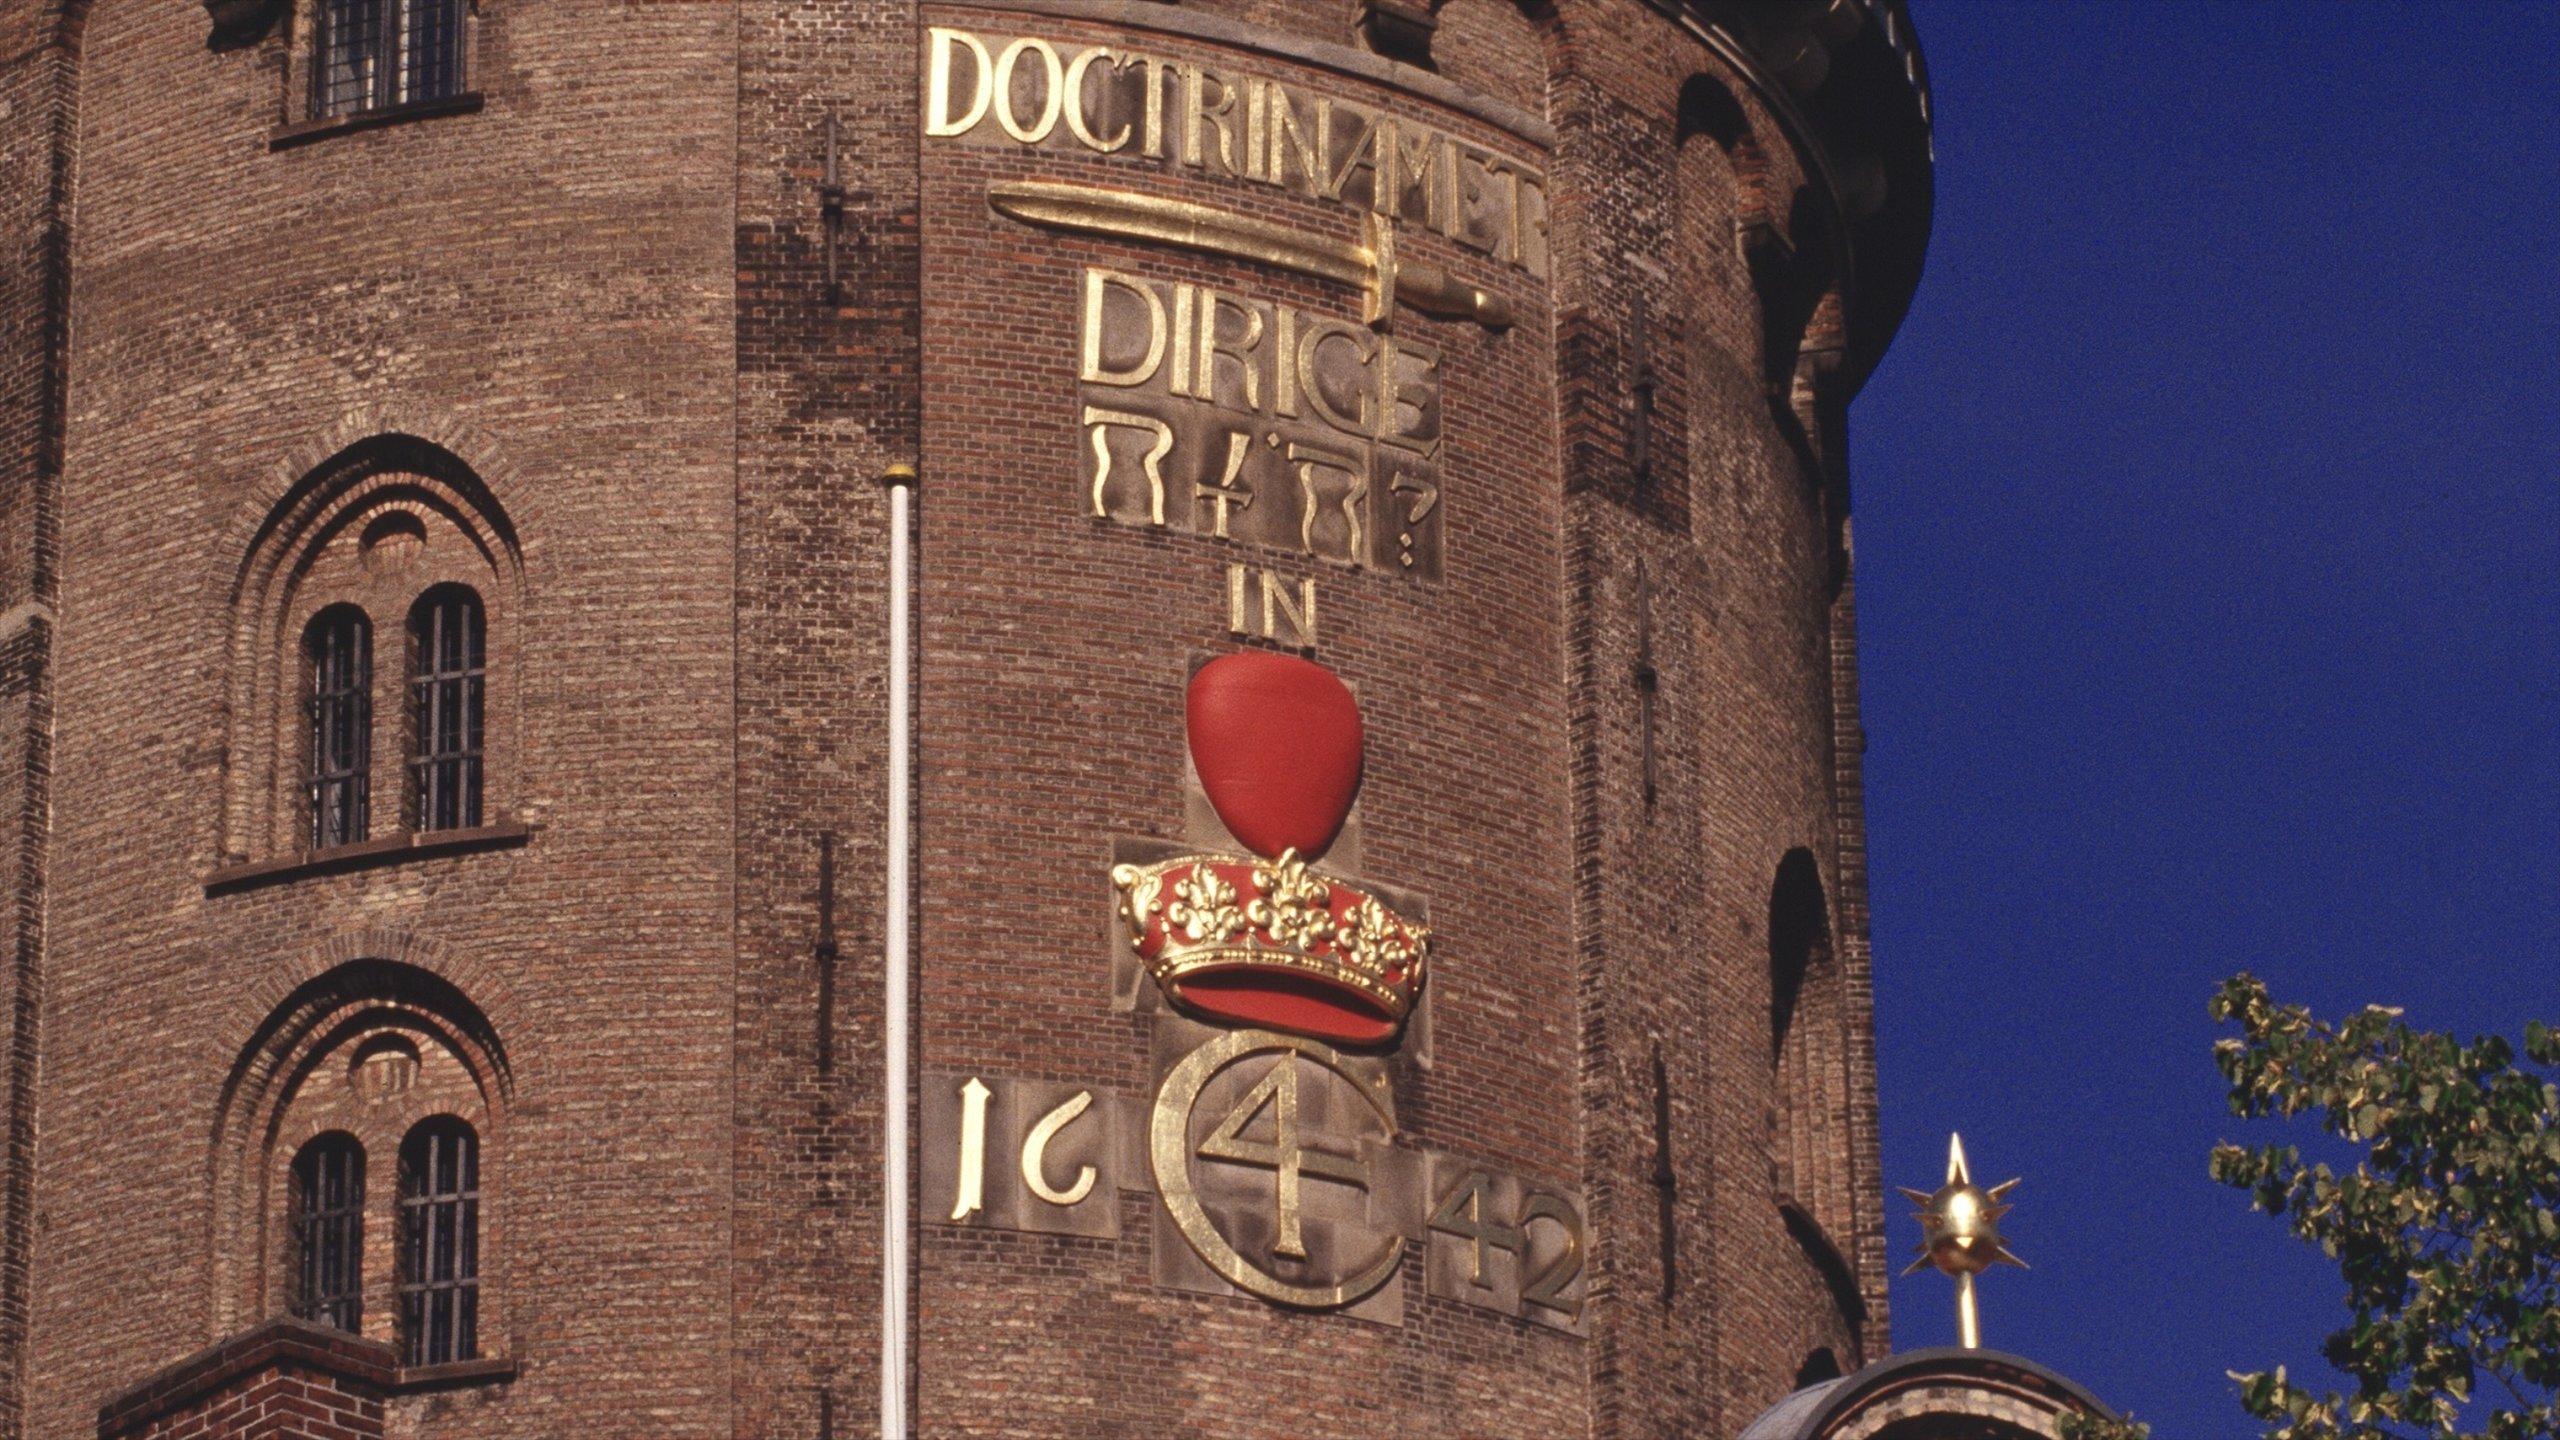 Visitez l'un des plus anciens observatoires astronomiques en service d'Europe et découvrez une tour devenue pôle culturel offrant une splendide vue sur Copenhague.